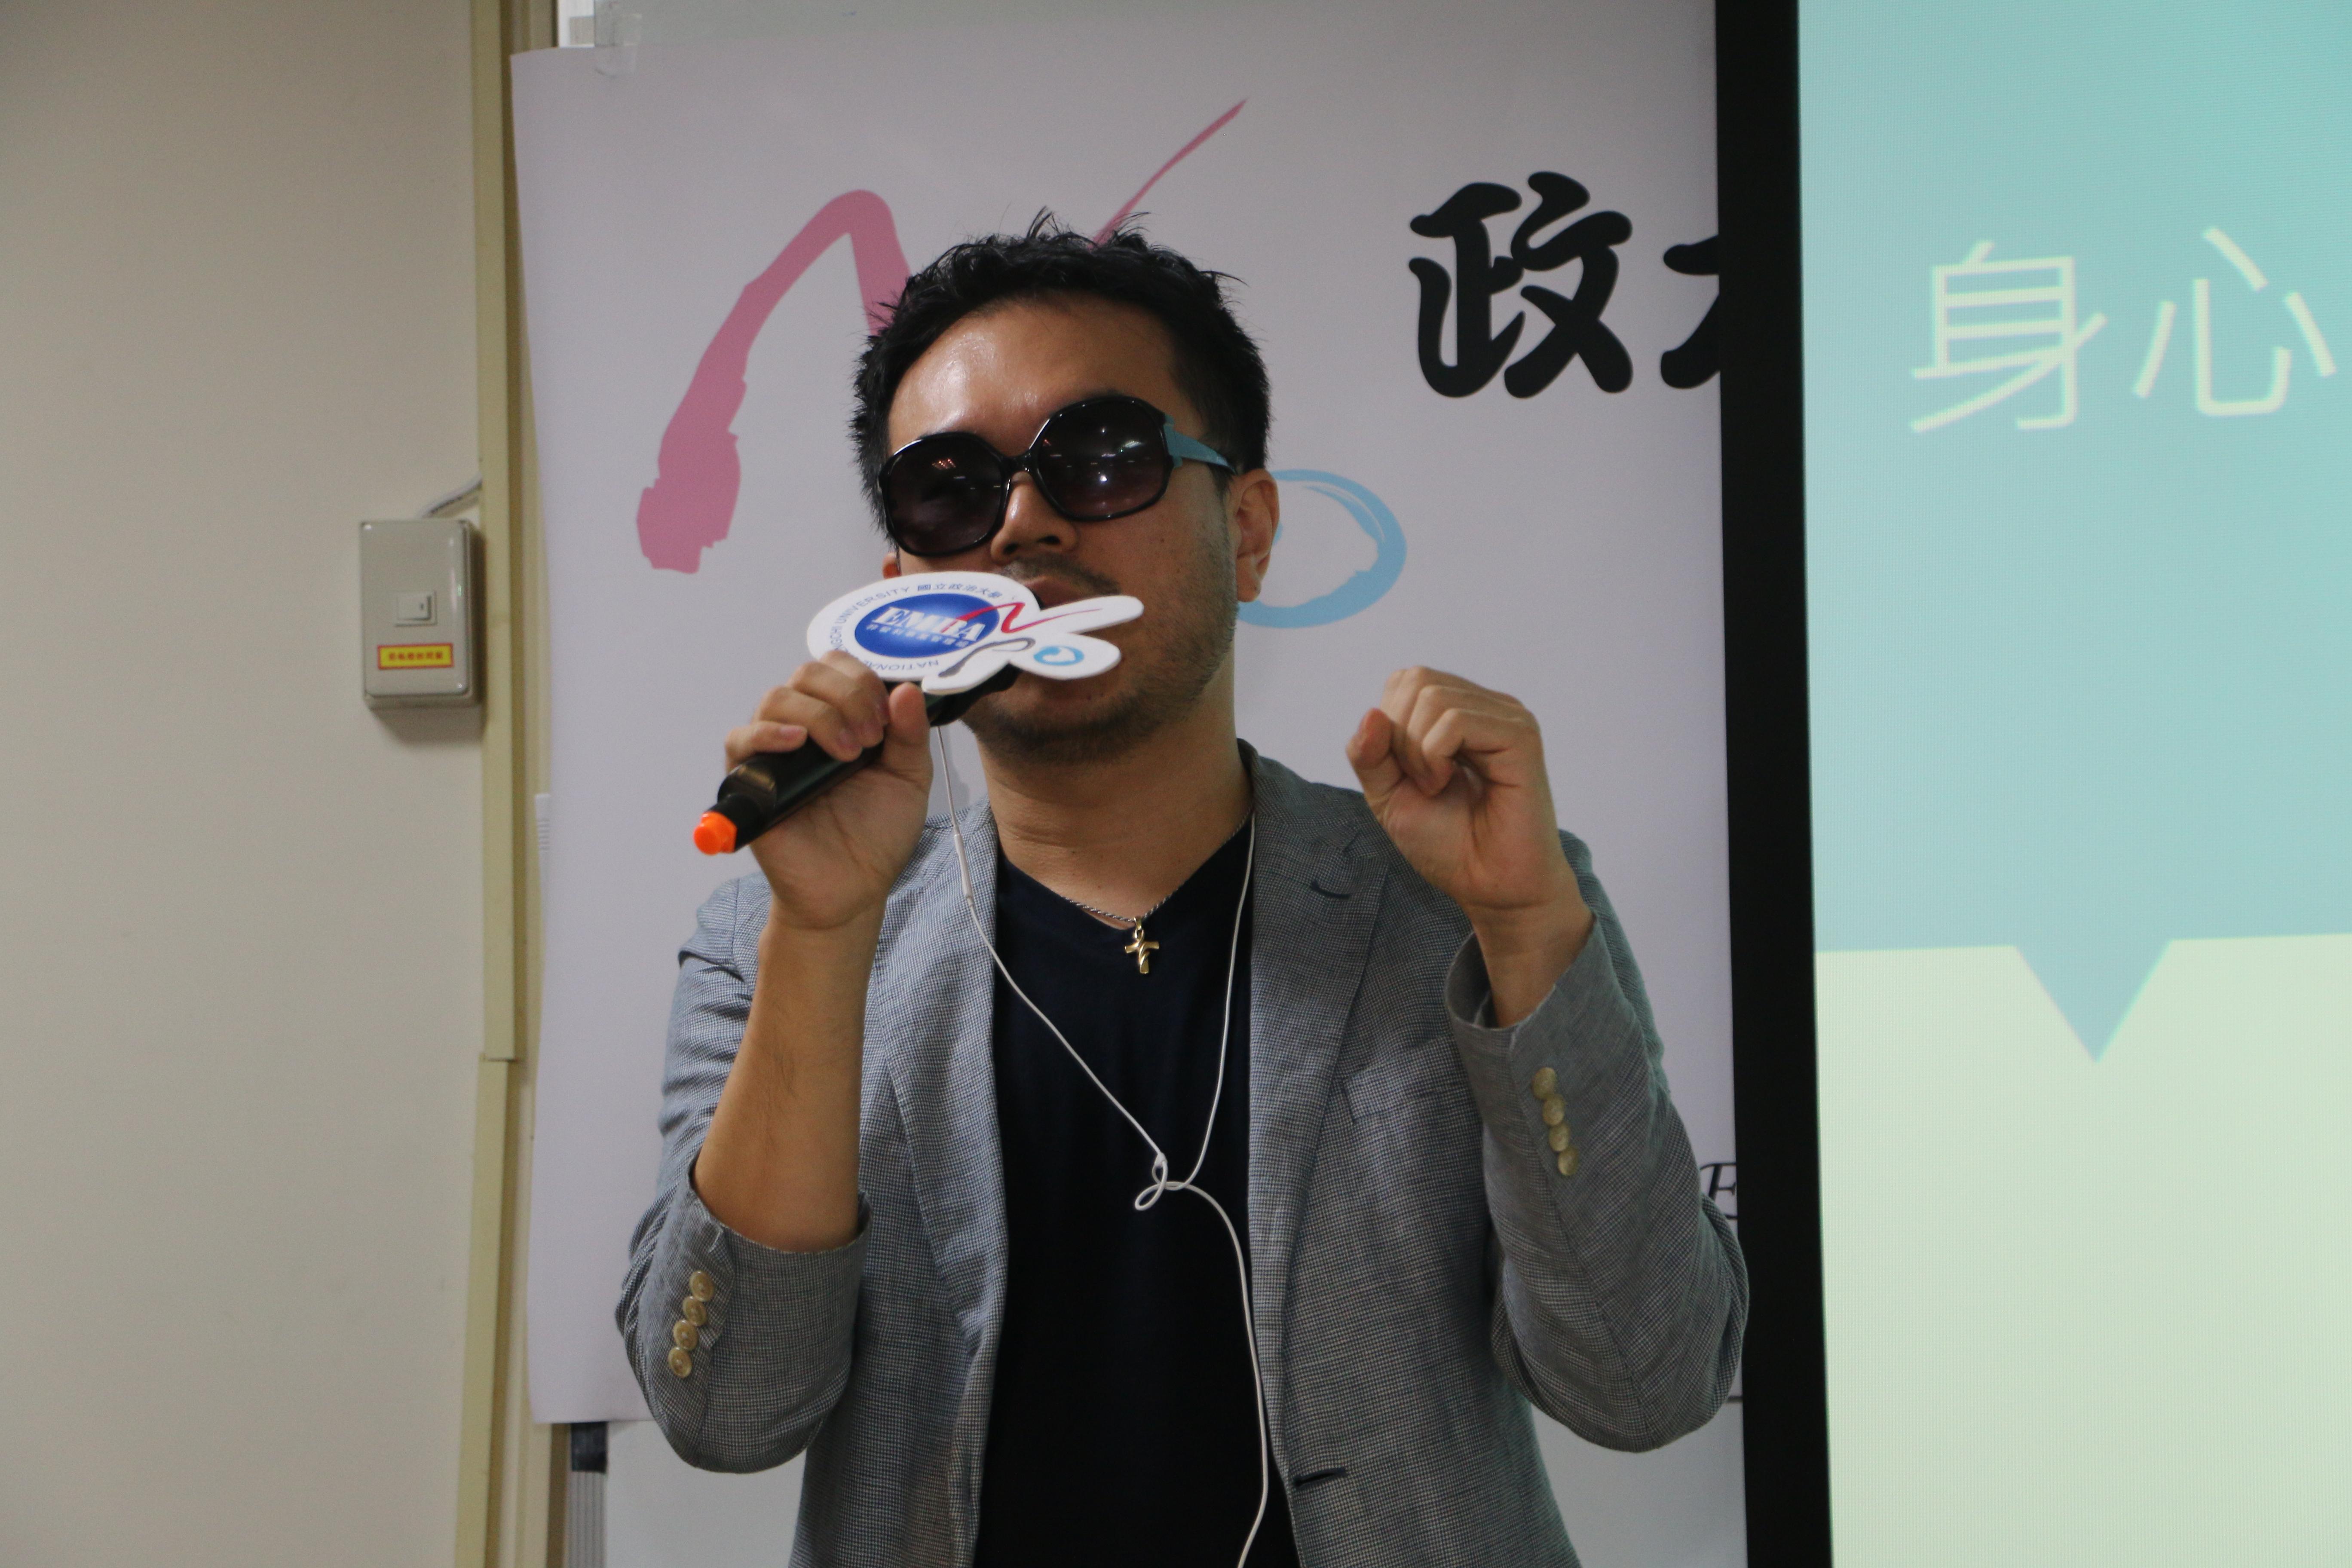 台灣視覺希望協會理事長甘仲維分享經驗。 圖/黃婕攝